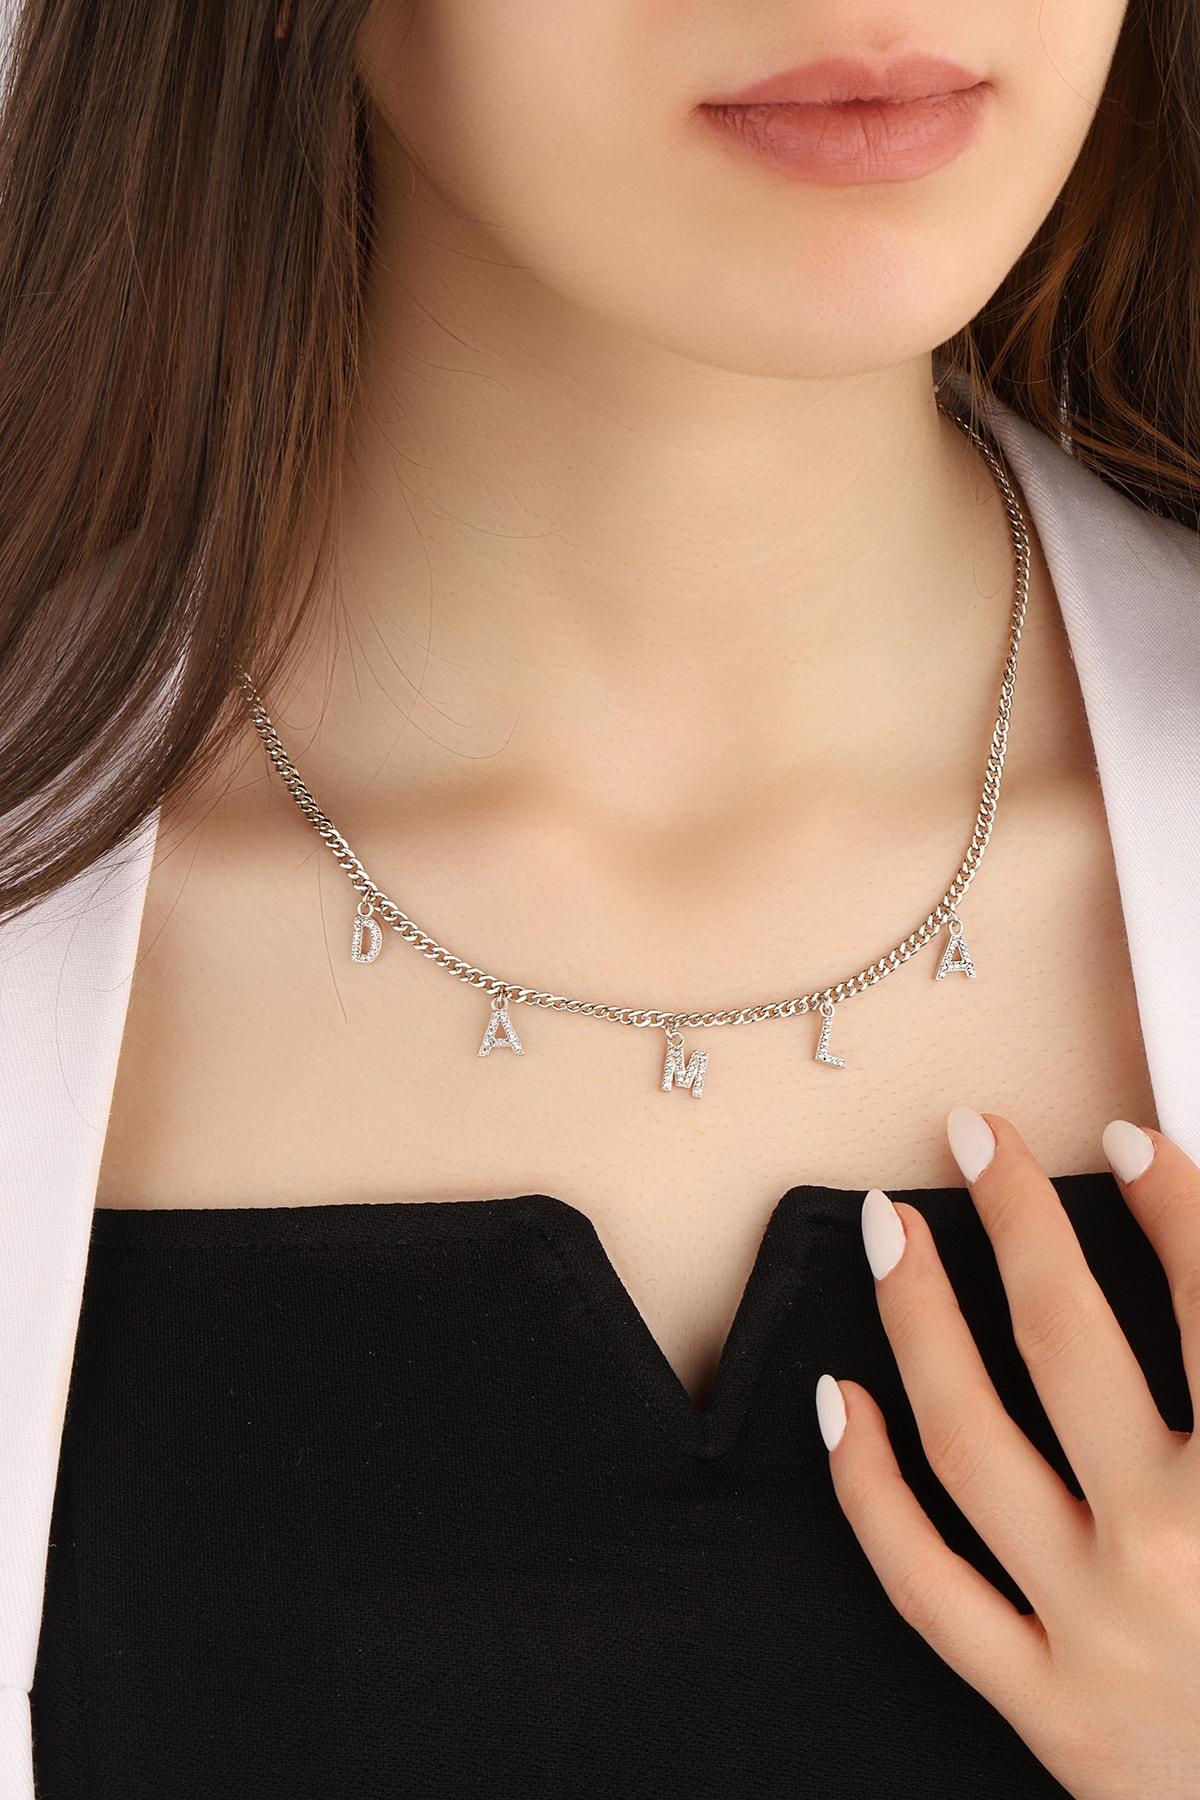 Kadın Gurmet Zincirli 925 Ayar Gümüş Isim Kolye